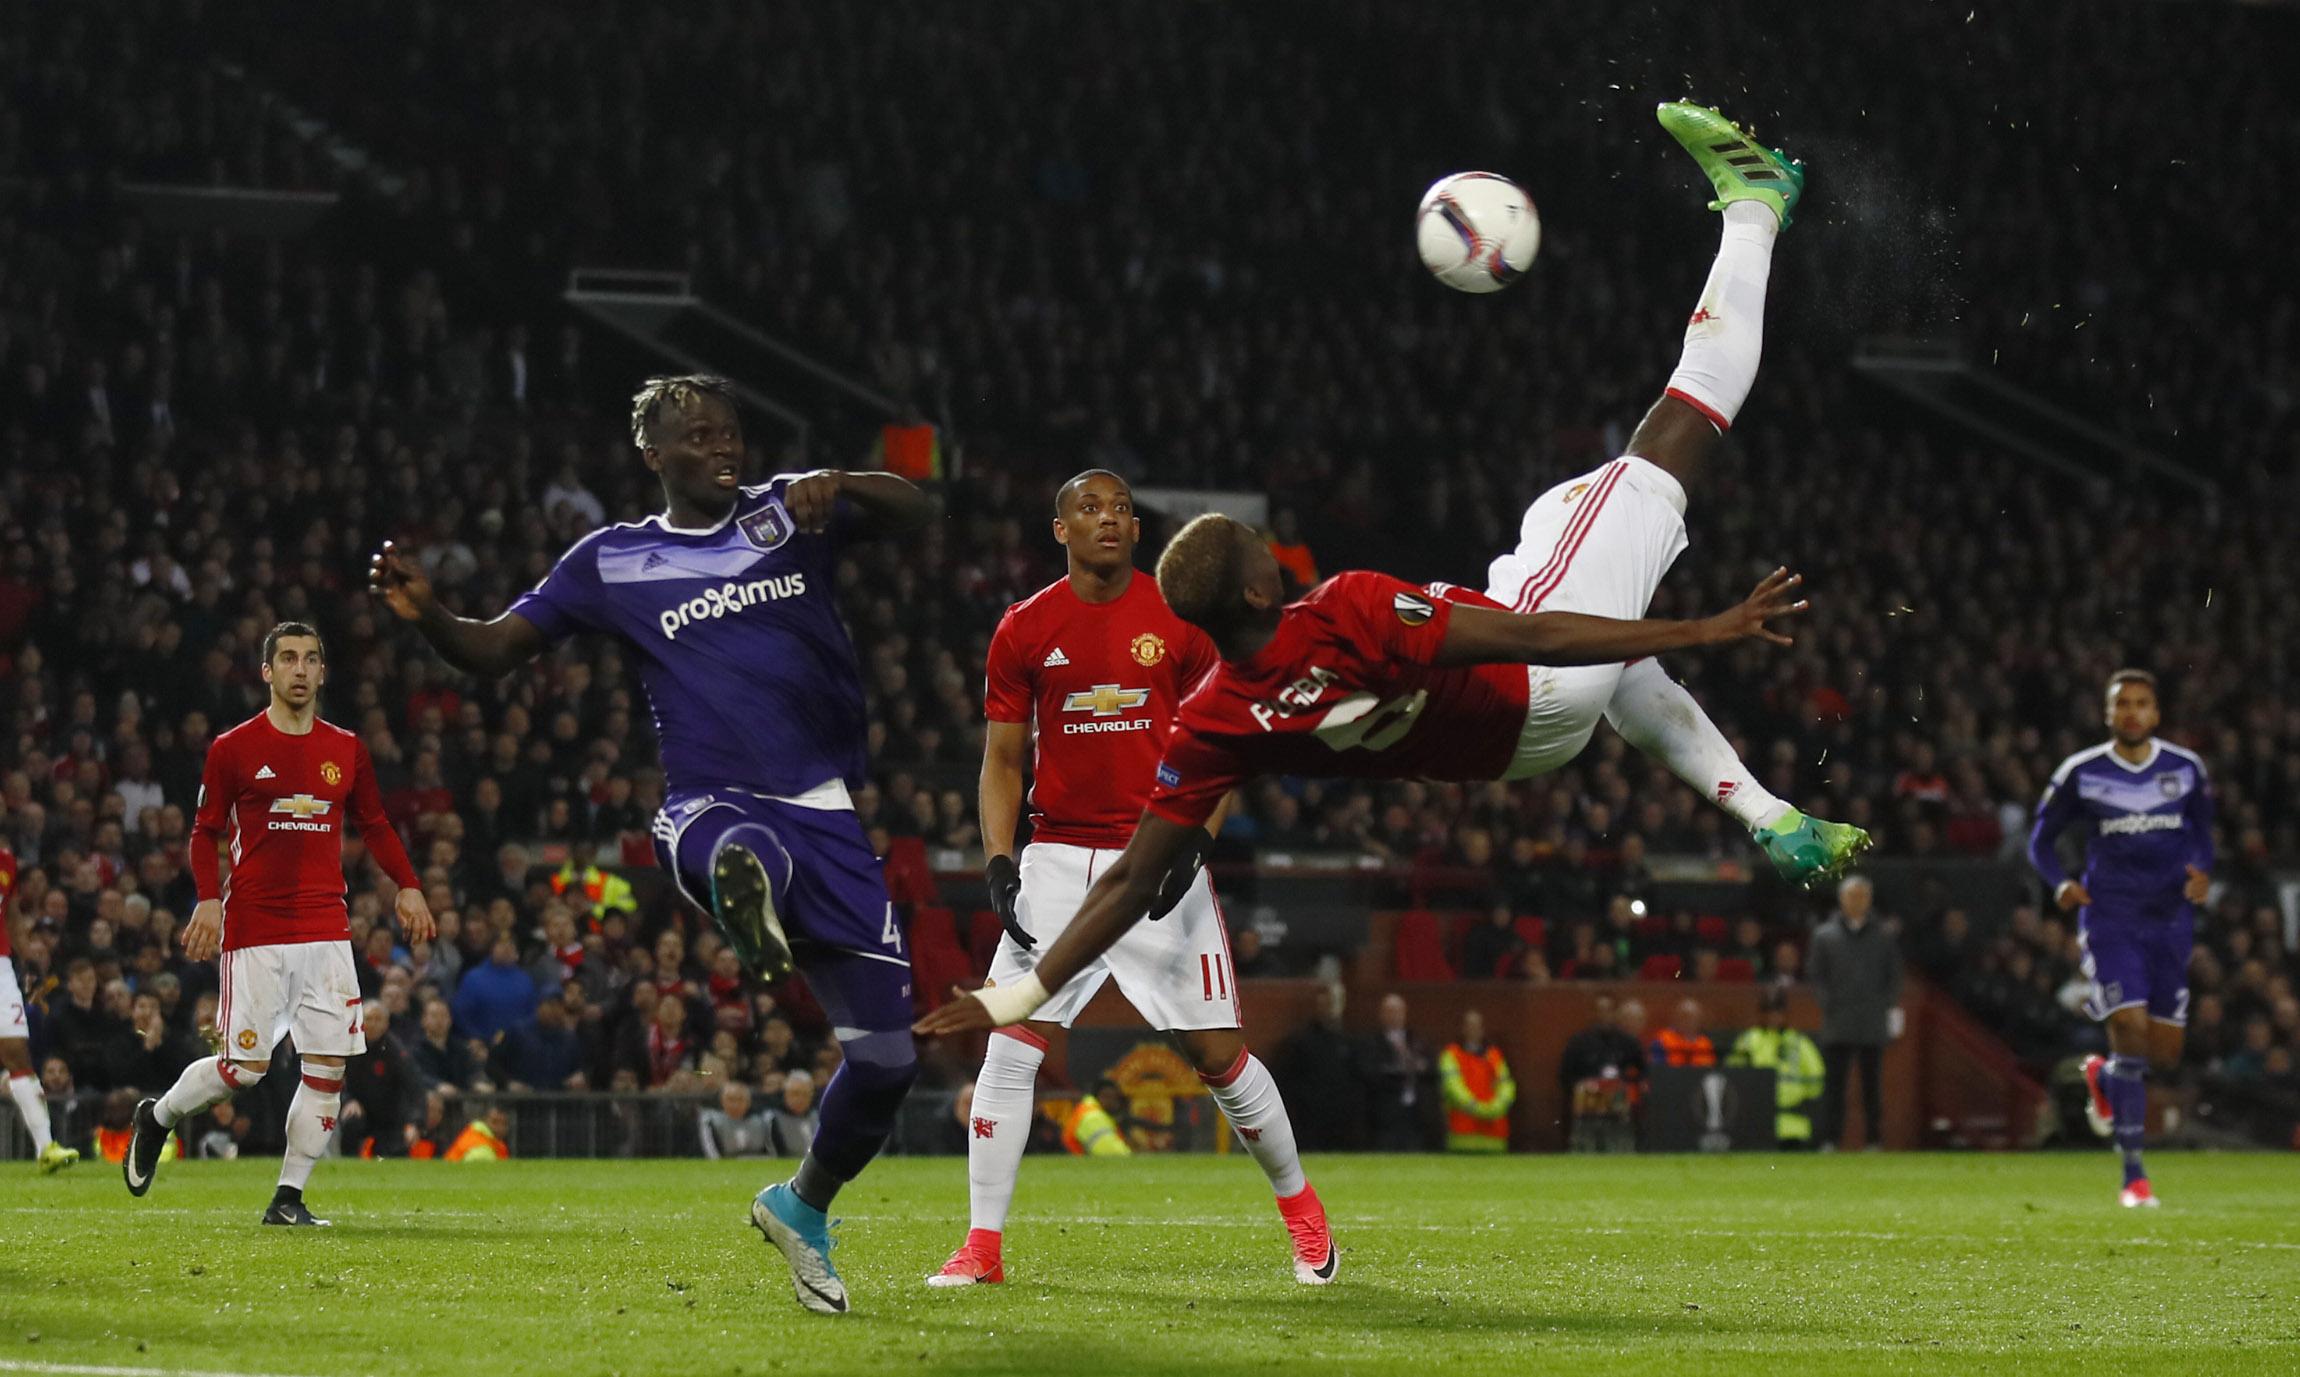 Mueren decenas de hinchas del Manchester United en Nigeria electrocutados viendo el fútbol